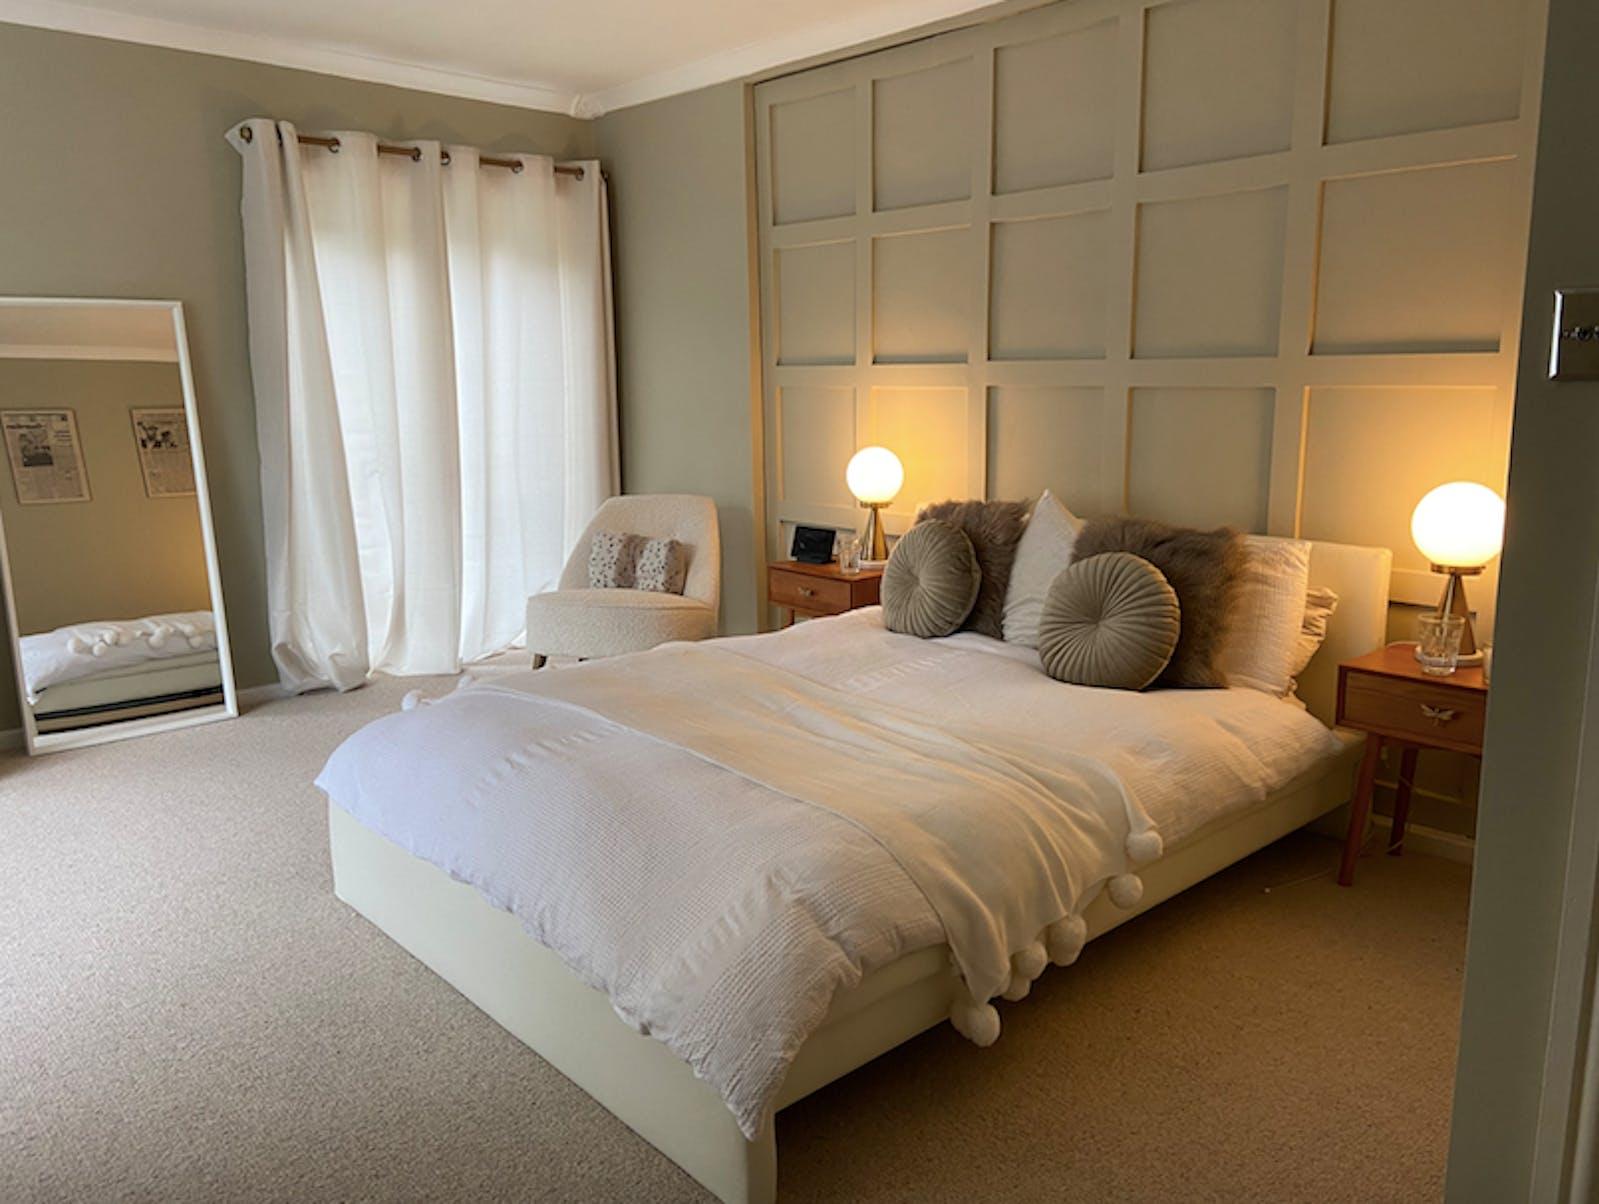 DOAB kyrstal's cosy bedroom painted in greige 01